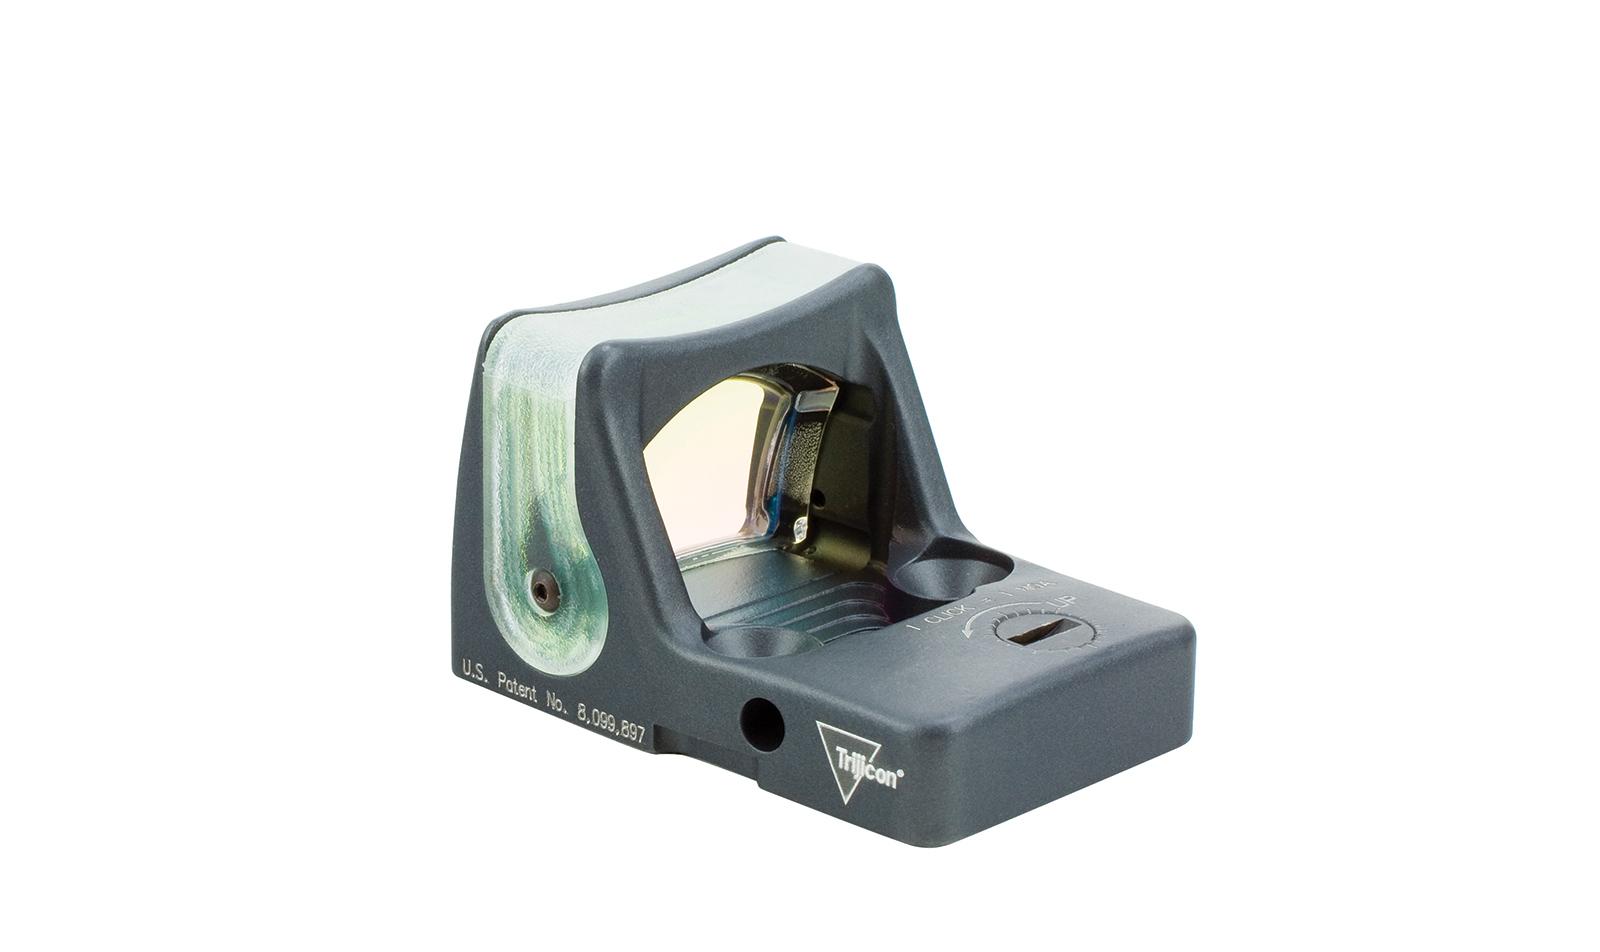 RM08-C-700256 angle 3